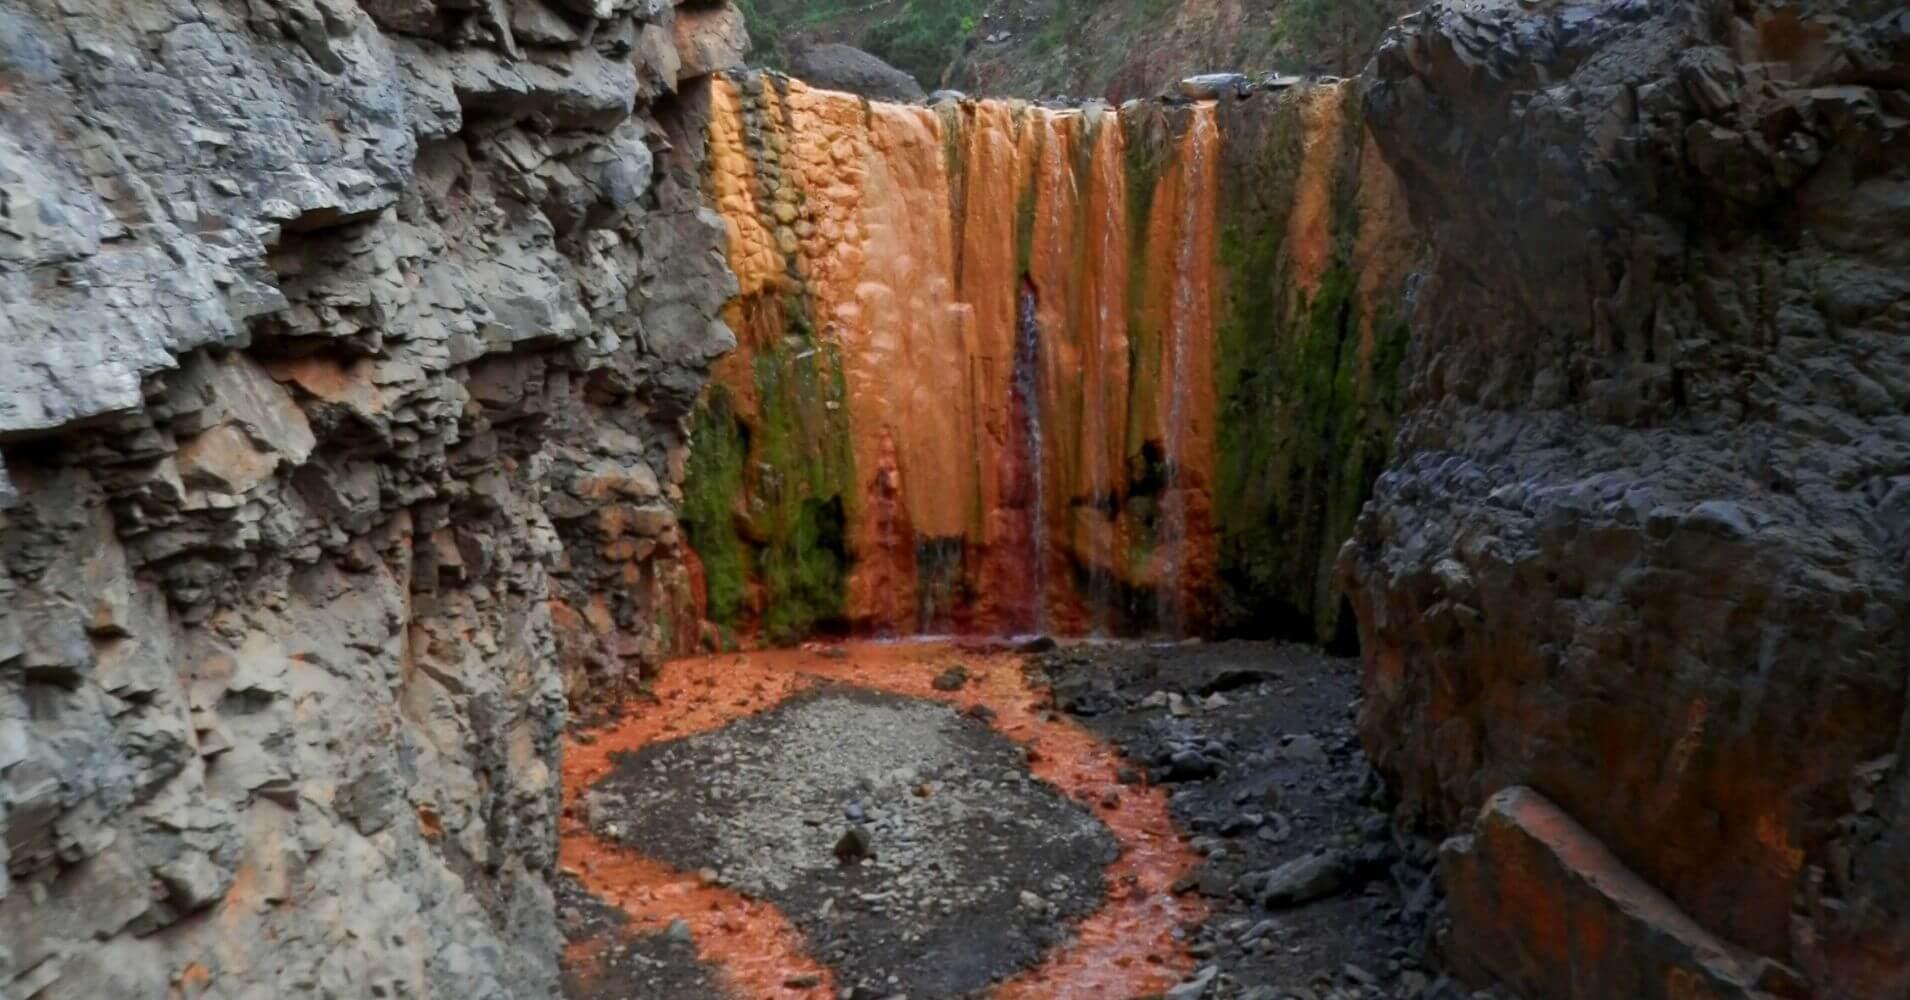 Cascada de Colores. Parque Nacional de La Caldera de Taburiente. La Palma. Islas Canarias.